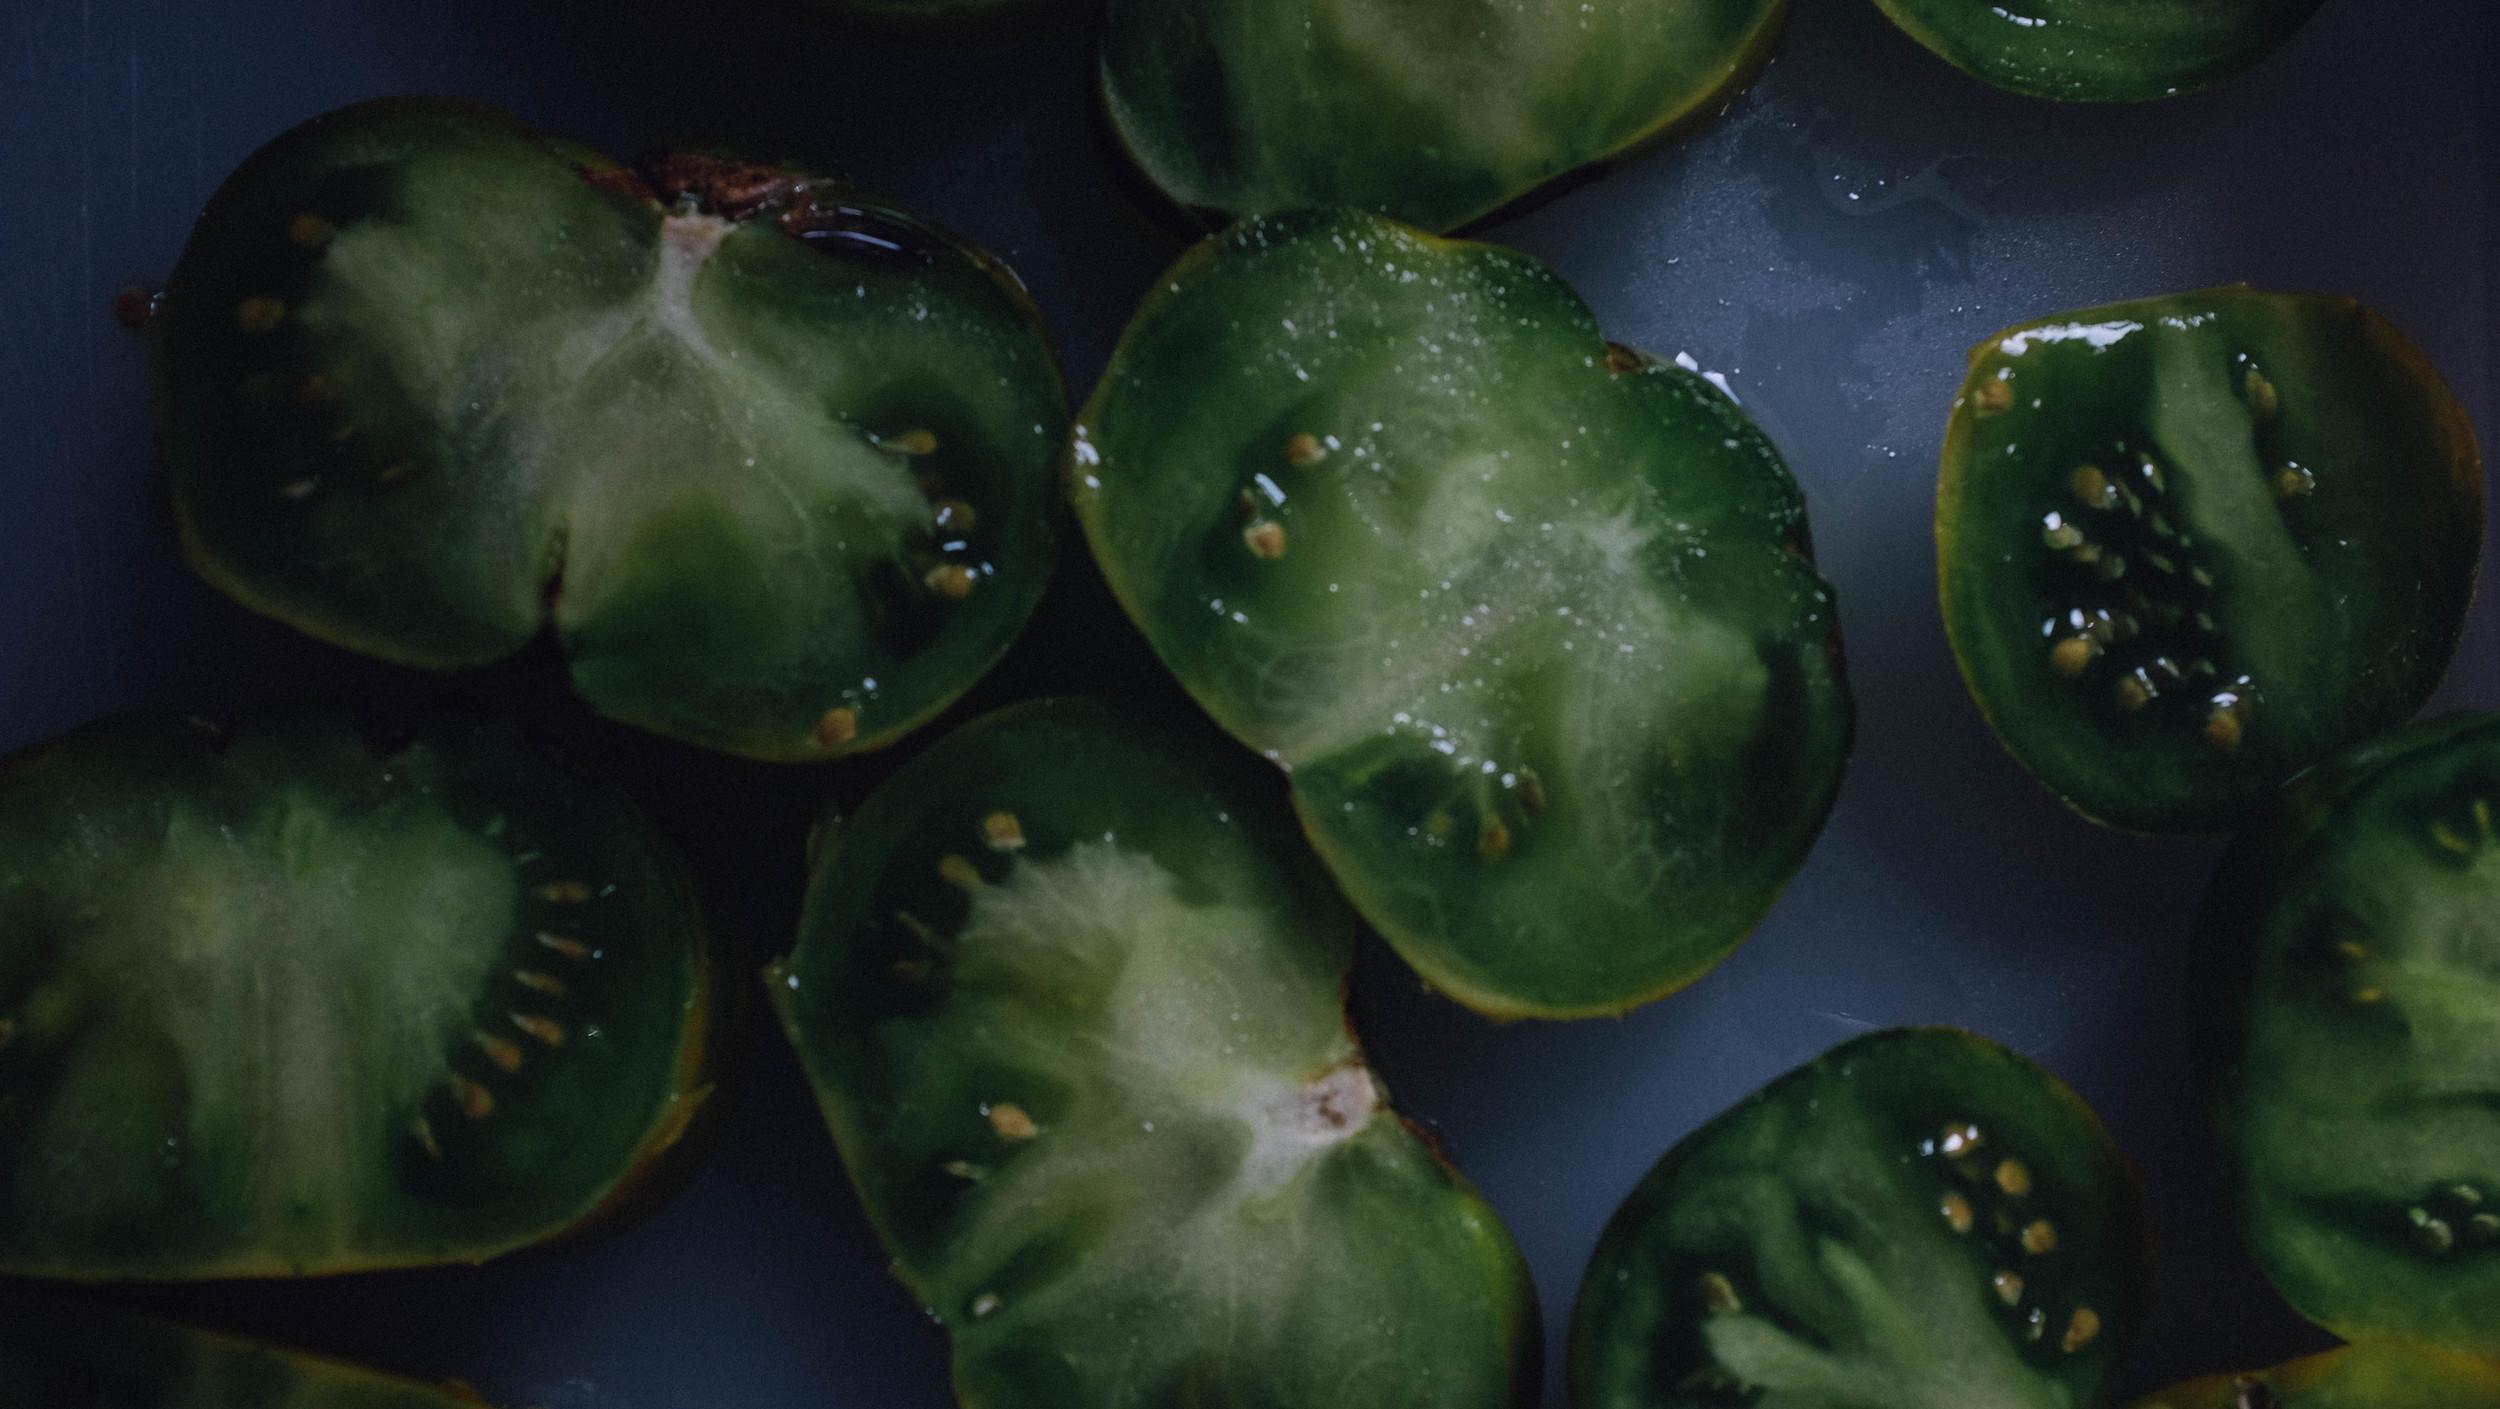 tomatoescut.jpg